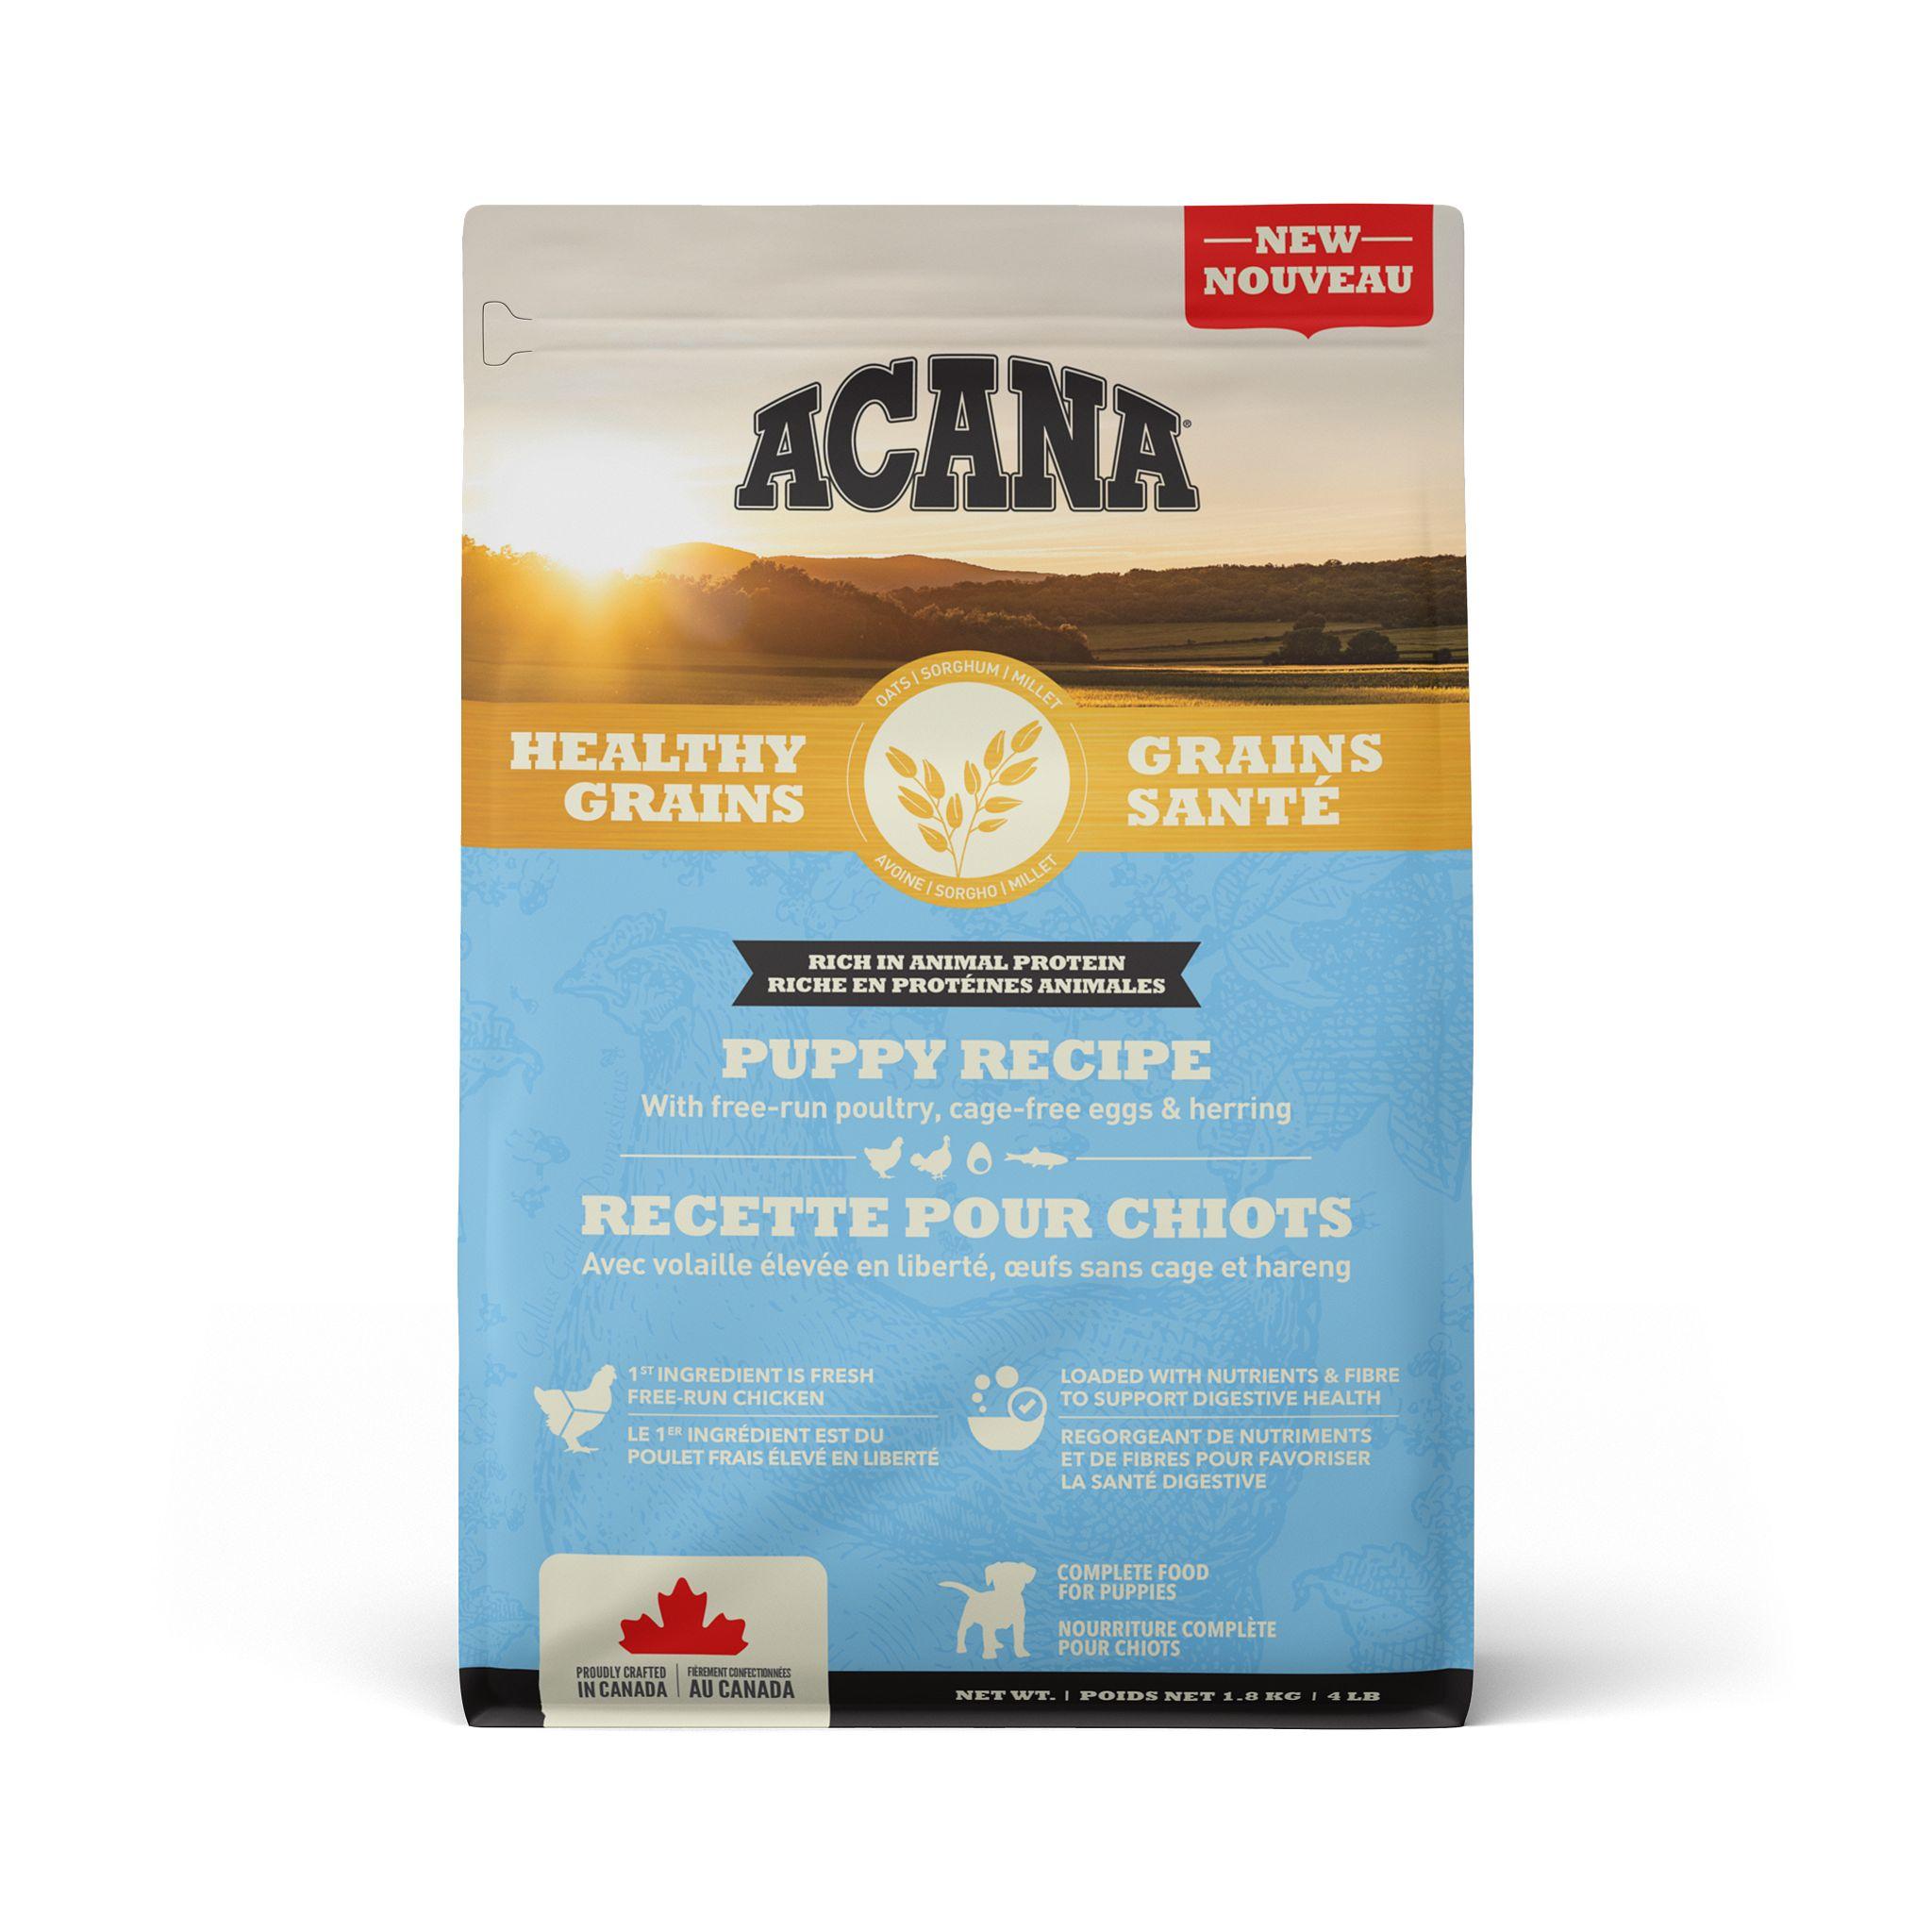 ACANA Healthy Grains Puppy Recipe, 1.8-kg